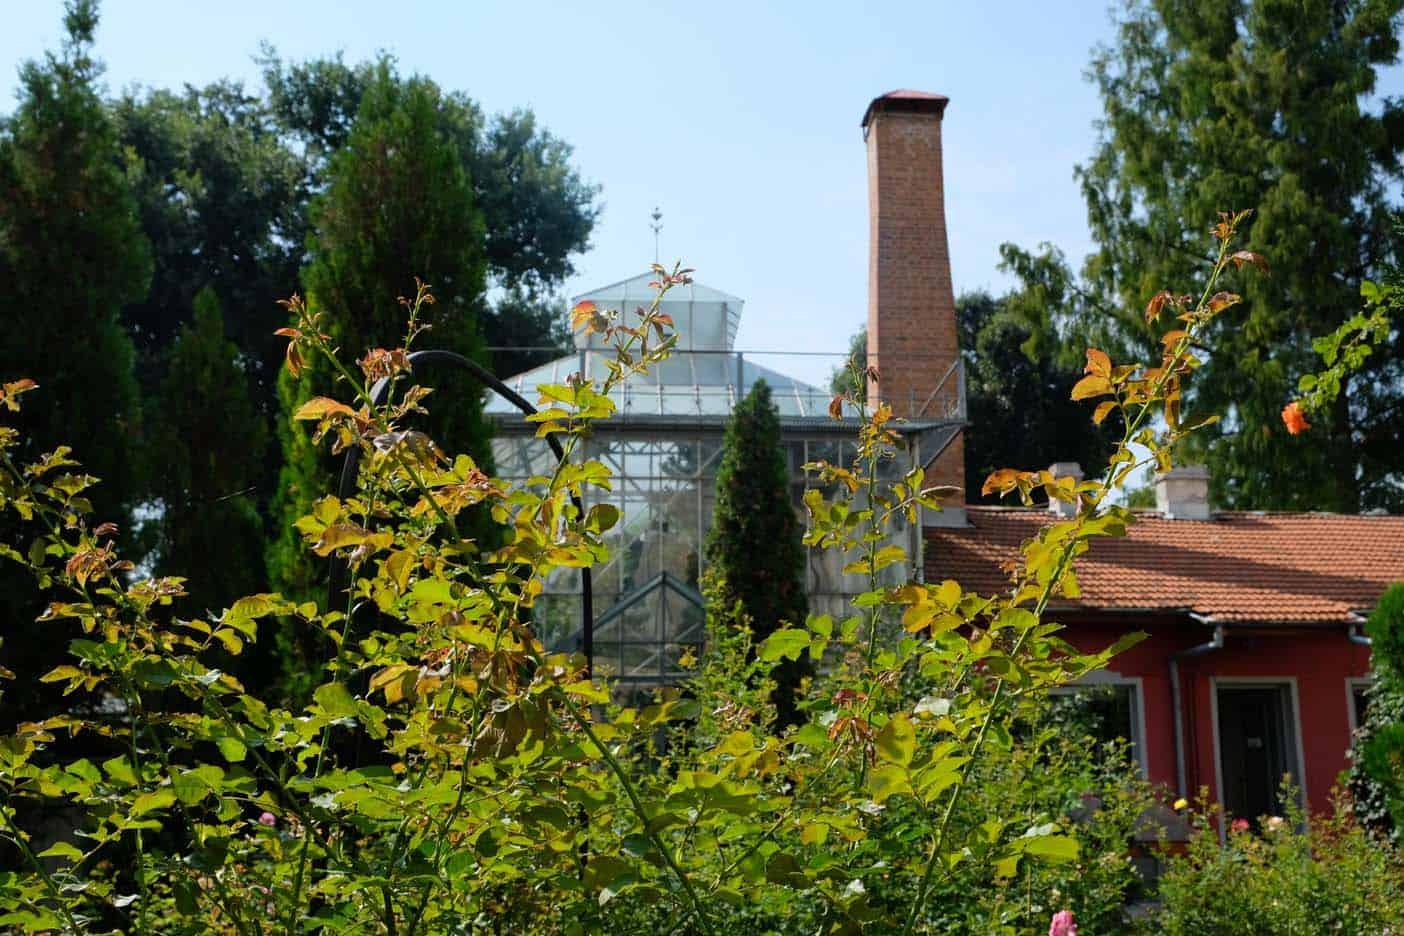 botanische tuin sofia